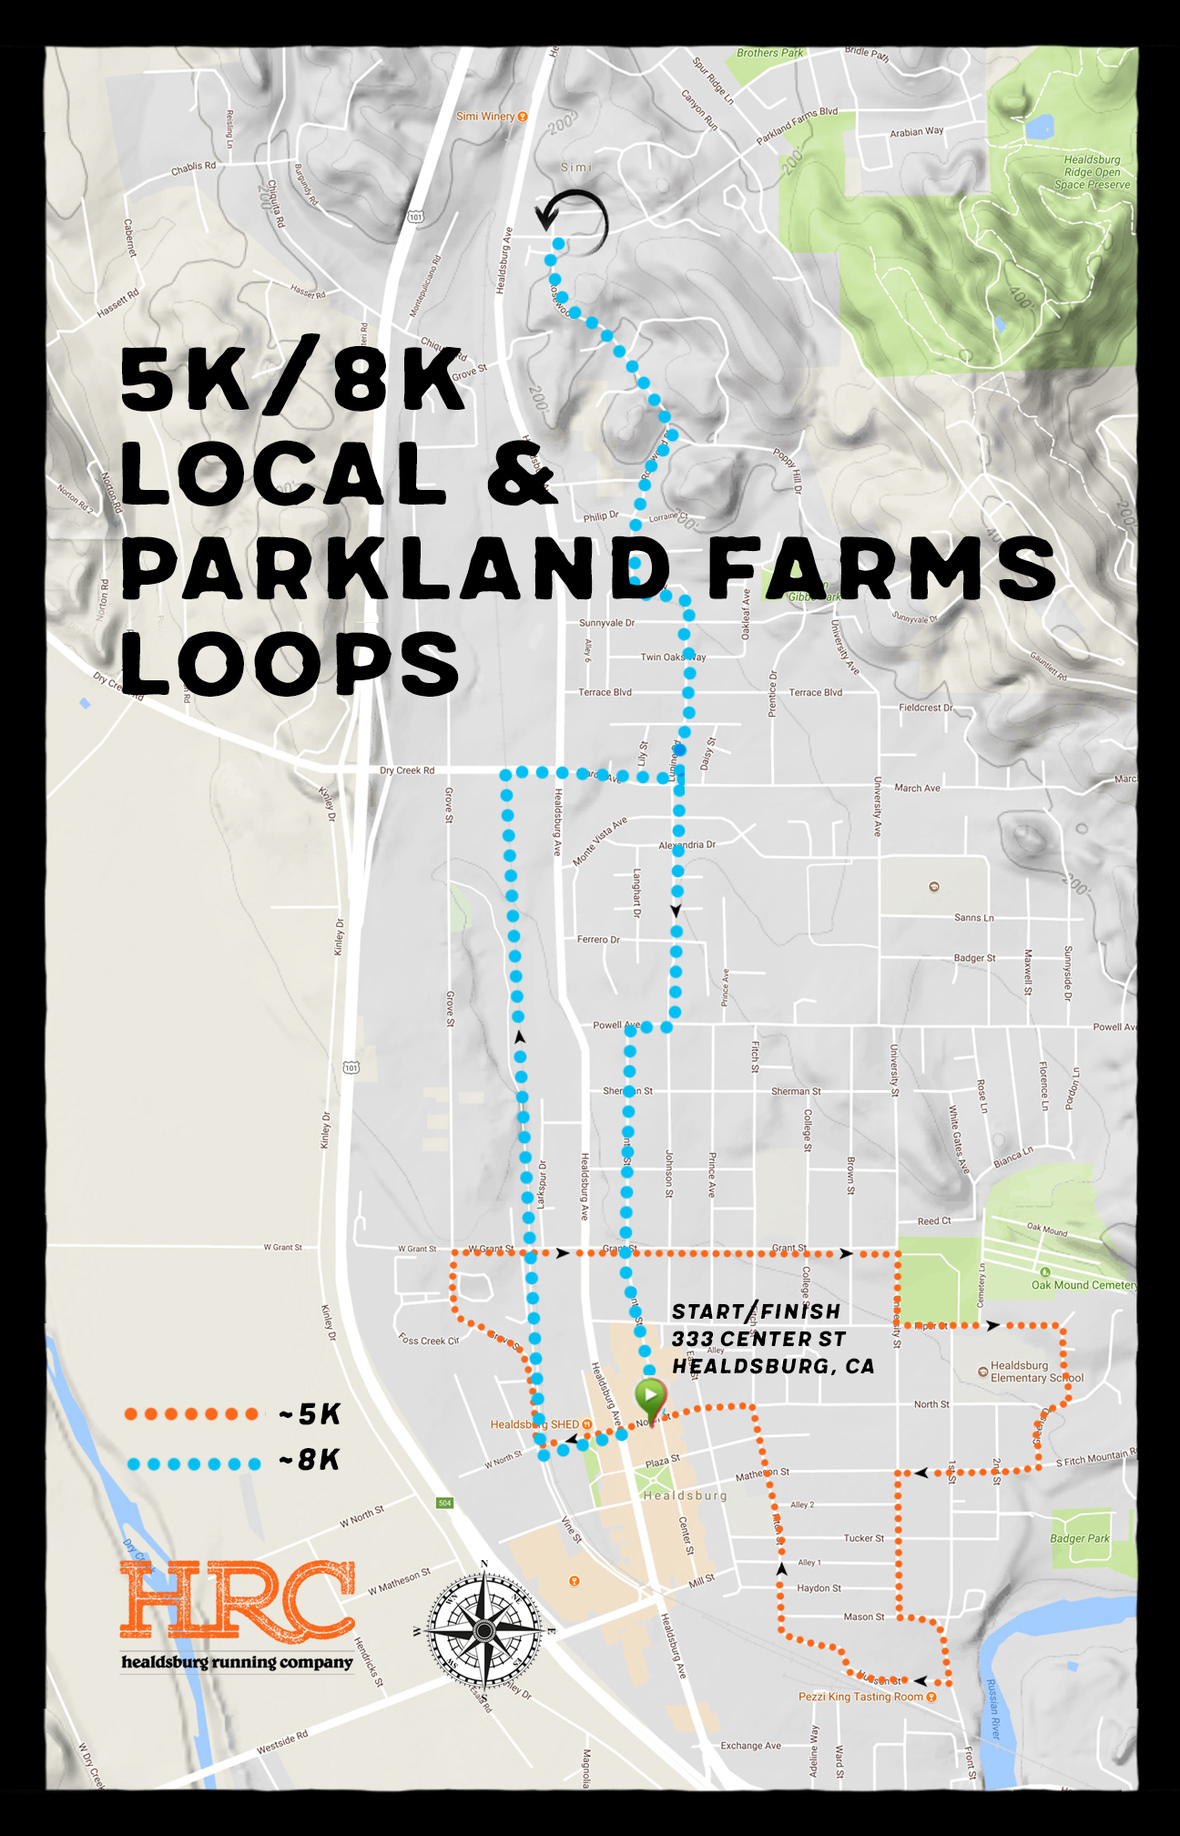 5K turkey trot with parkland farms